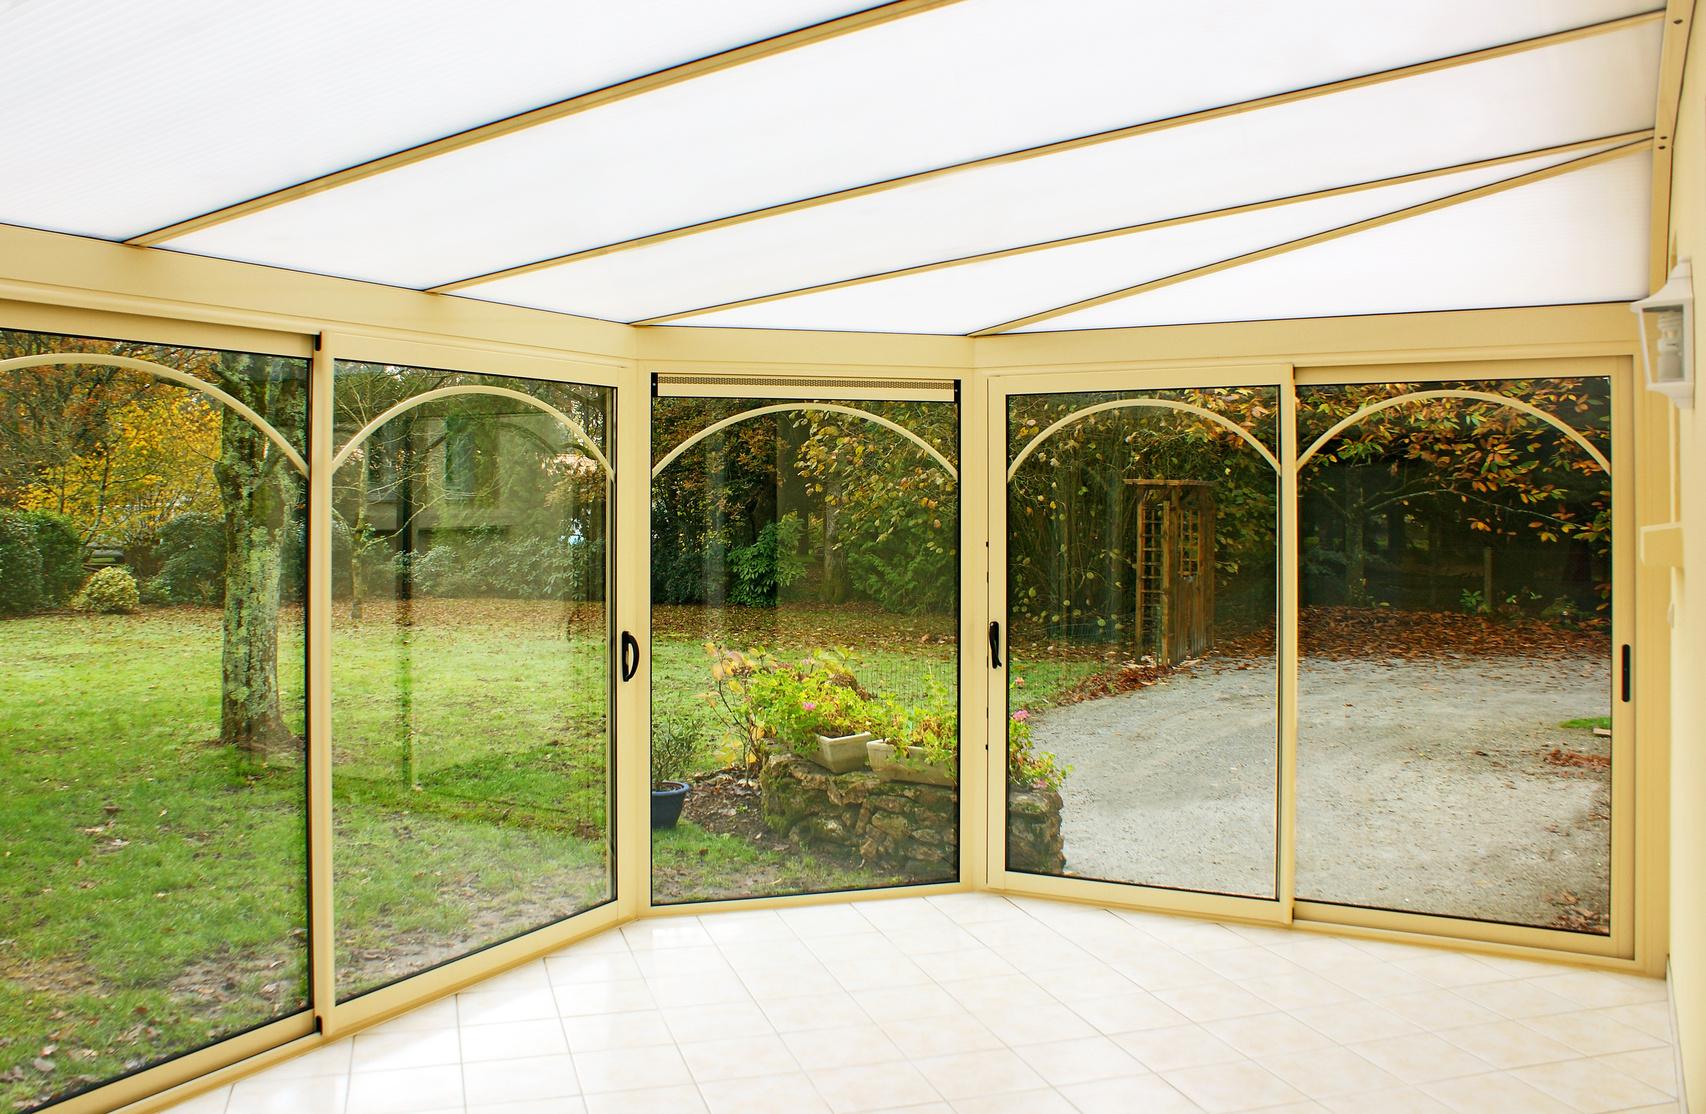 Toiture polycarbonate avantages prix devis ce qu 39 il faut savoir for Prix moyen renovation toiture